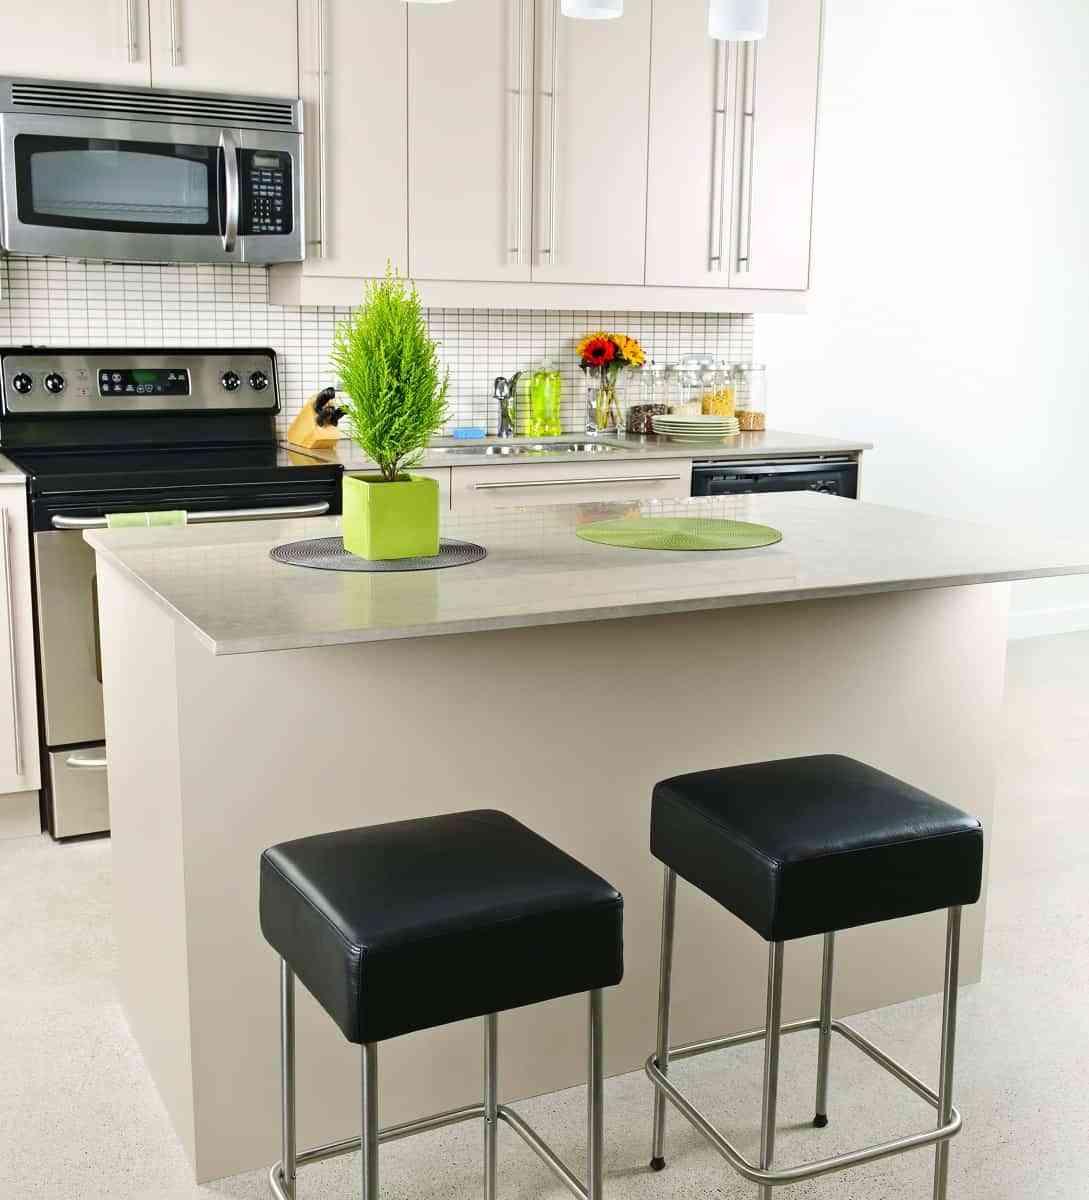 Cocinas peque as en espacios reducidos - Aprovechar espacio piso pequeno ...